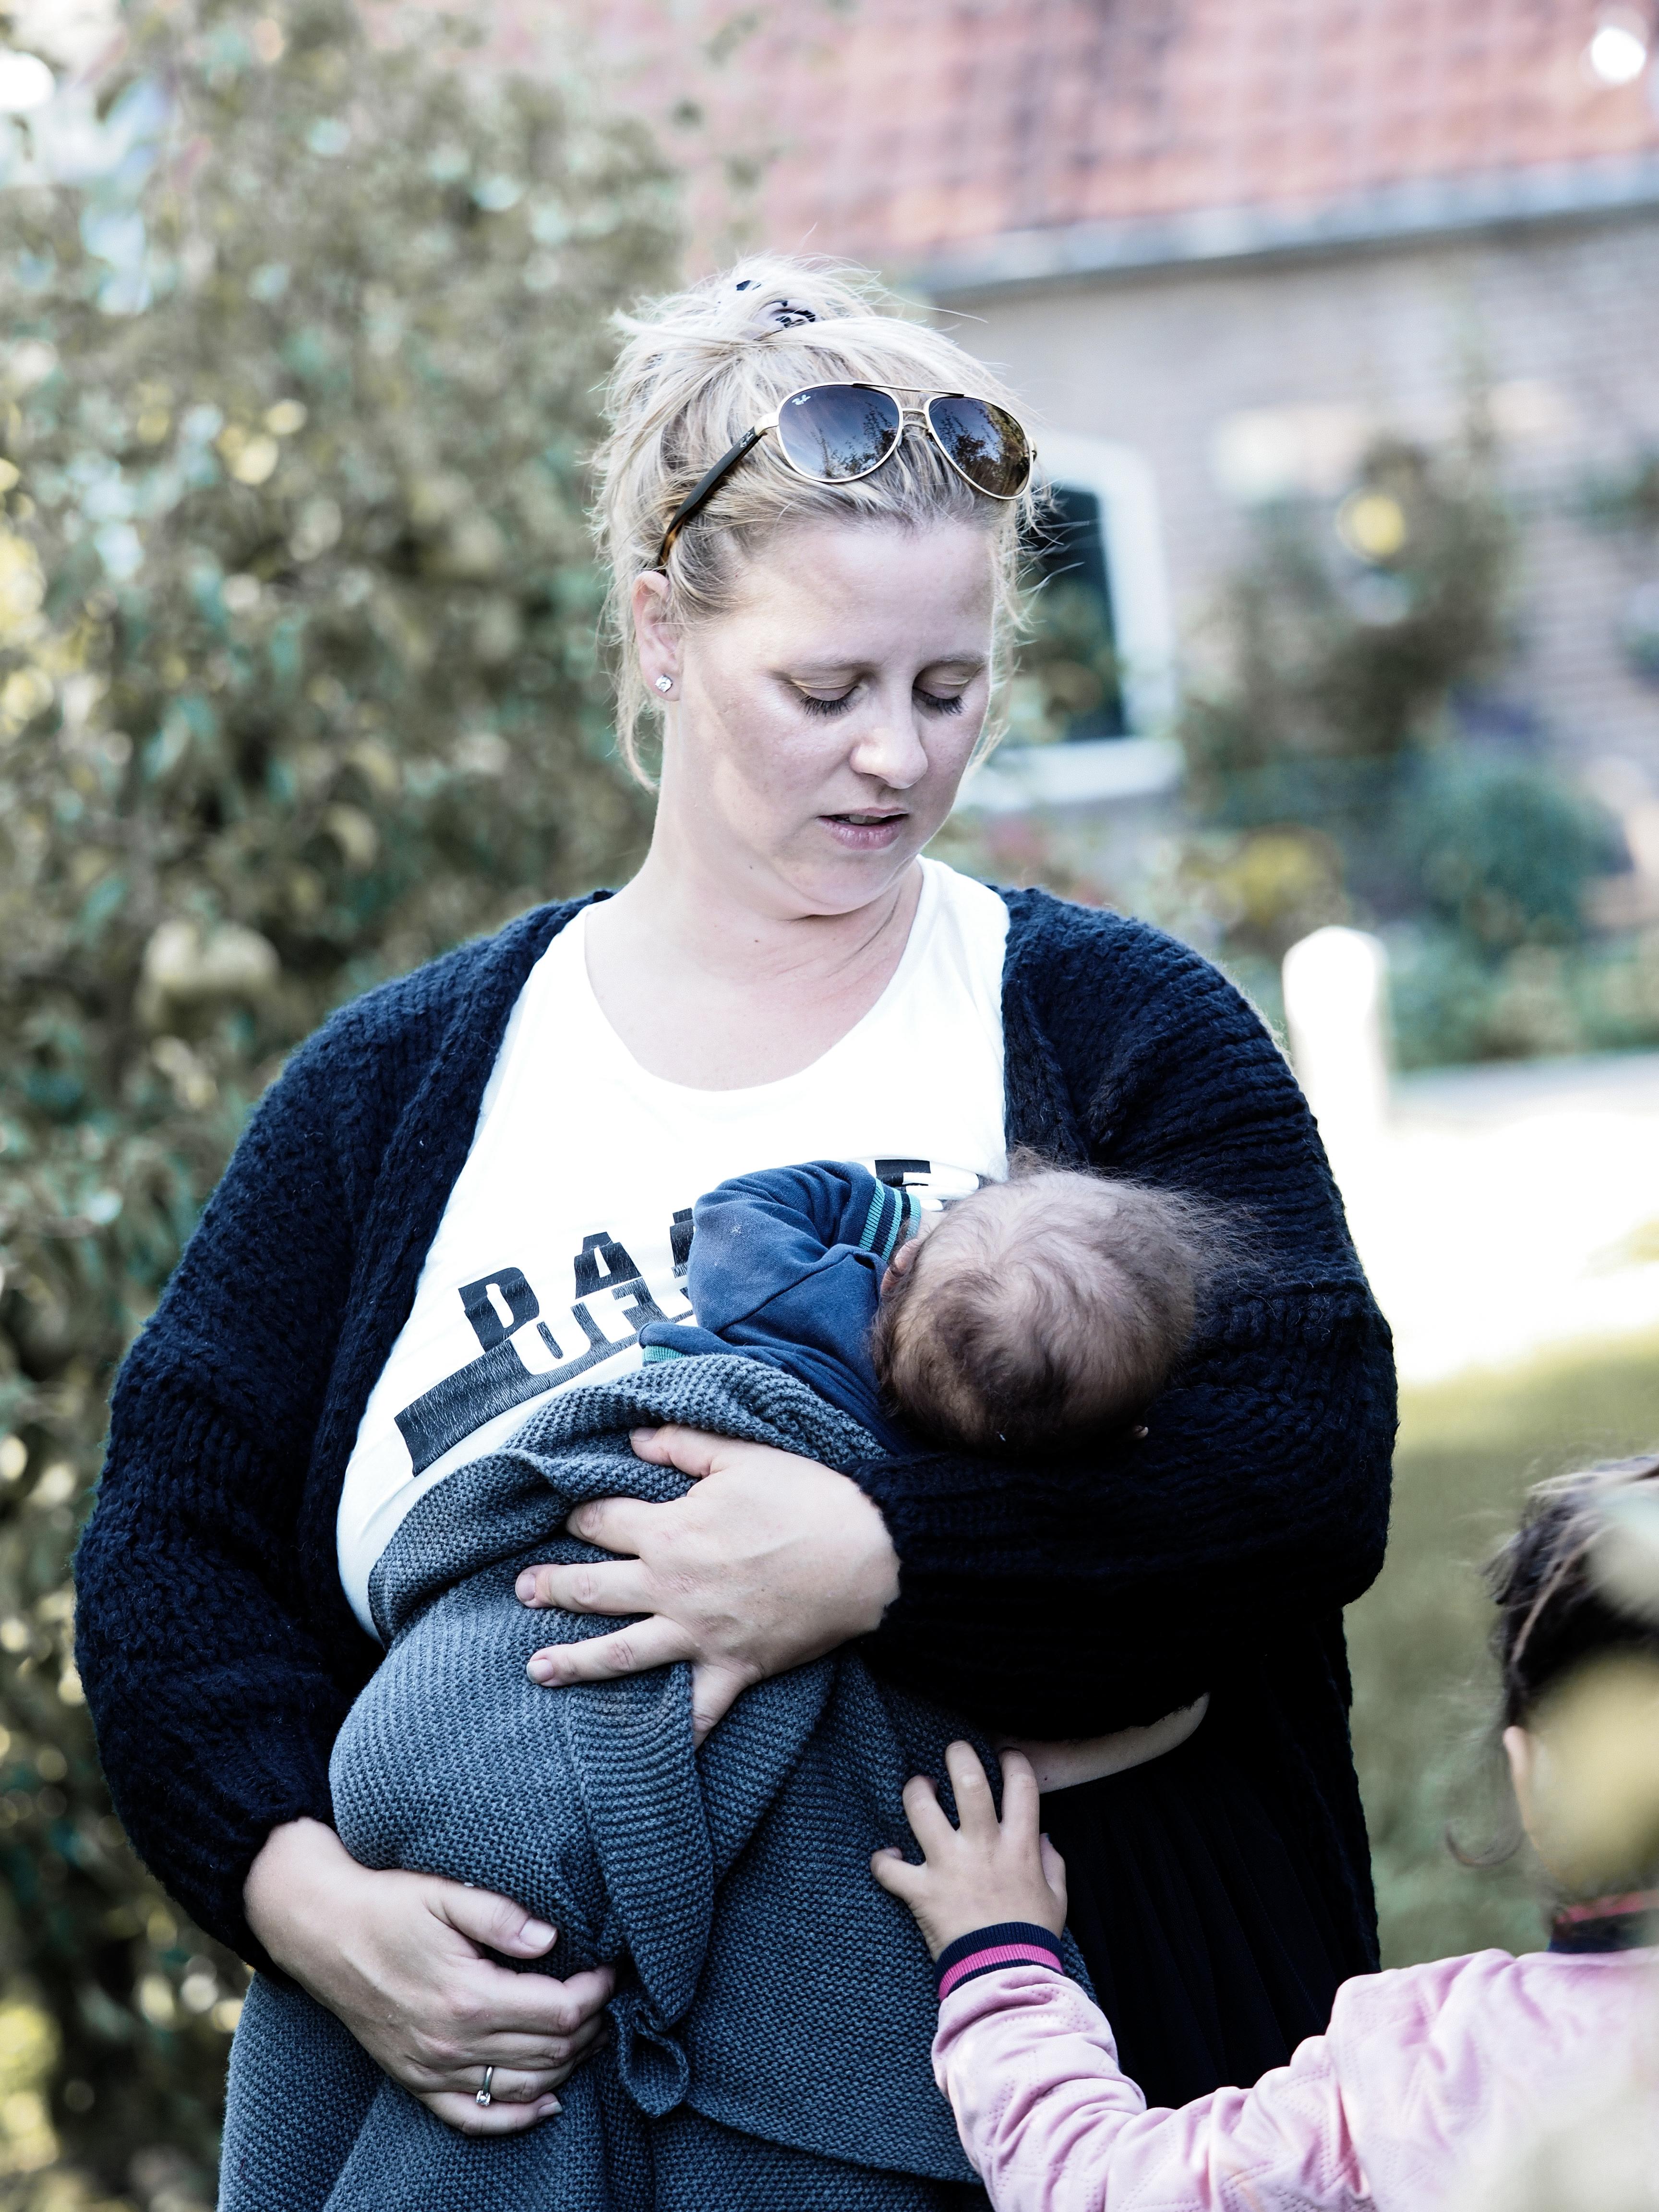 borstvoeding | Kinderfavorites